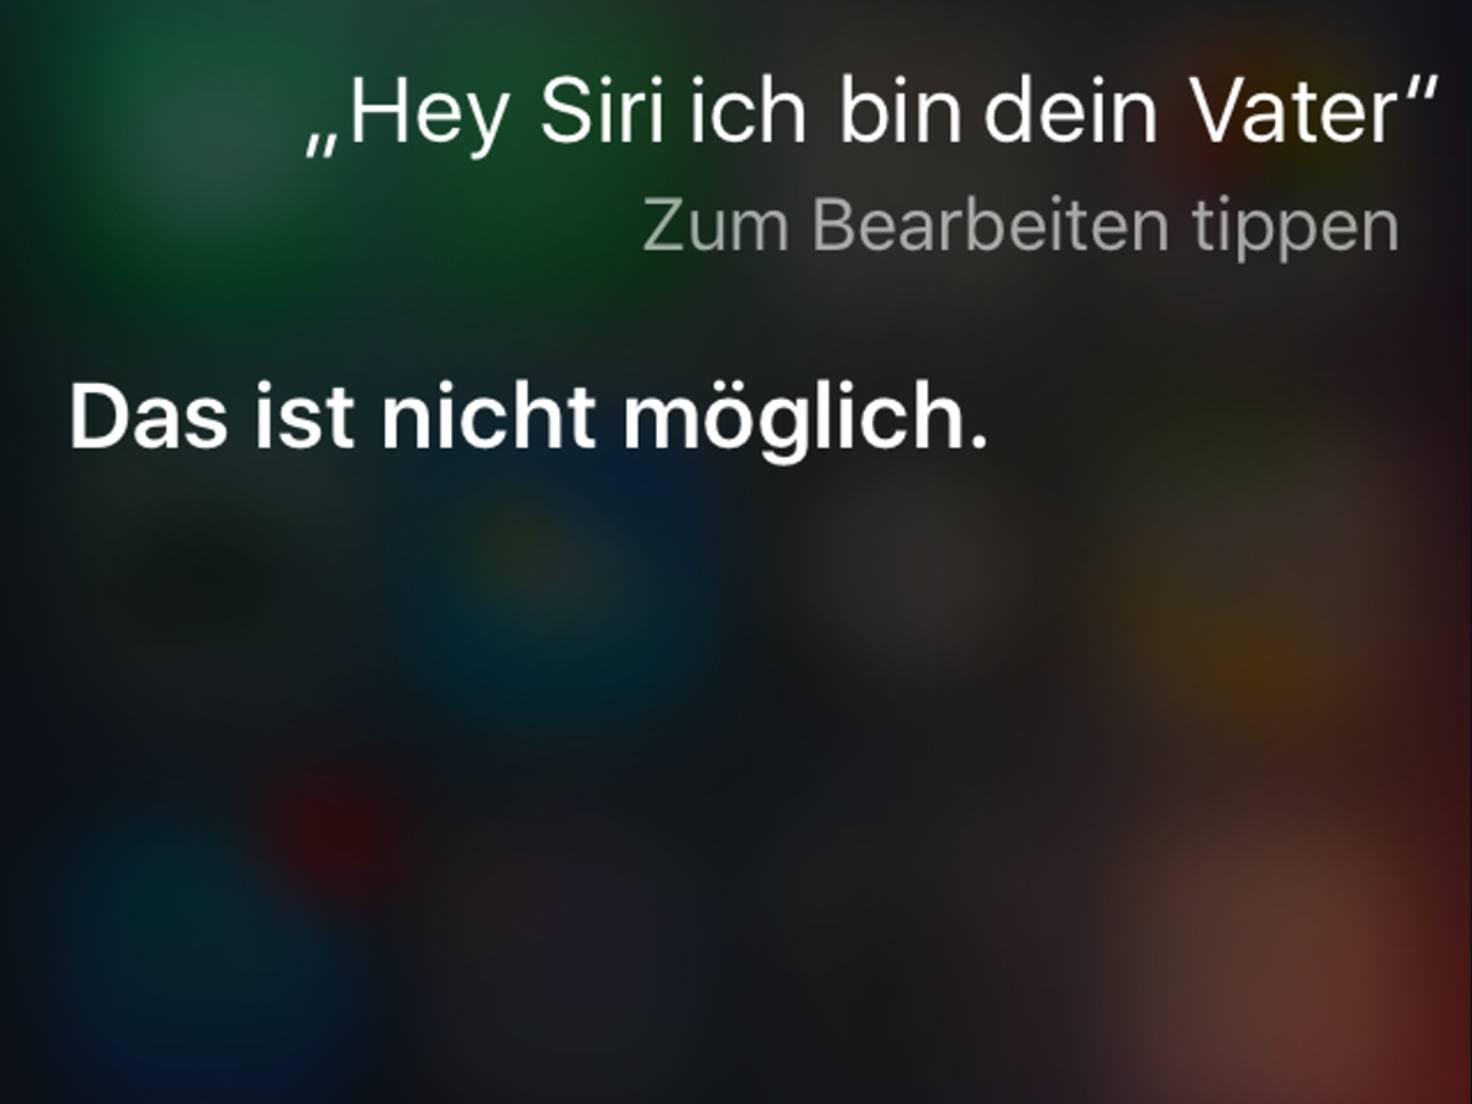 Siri_Vater